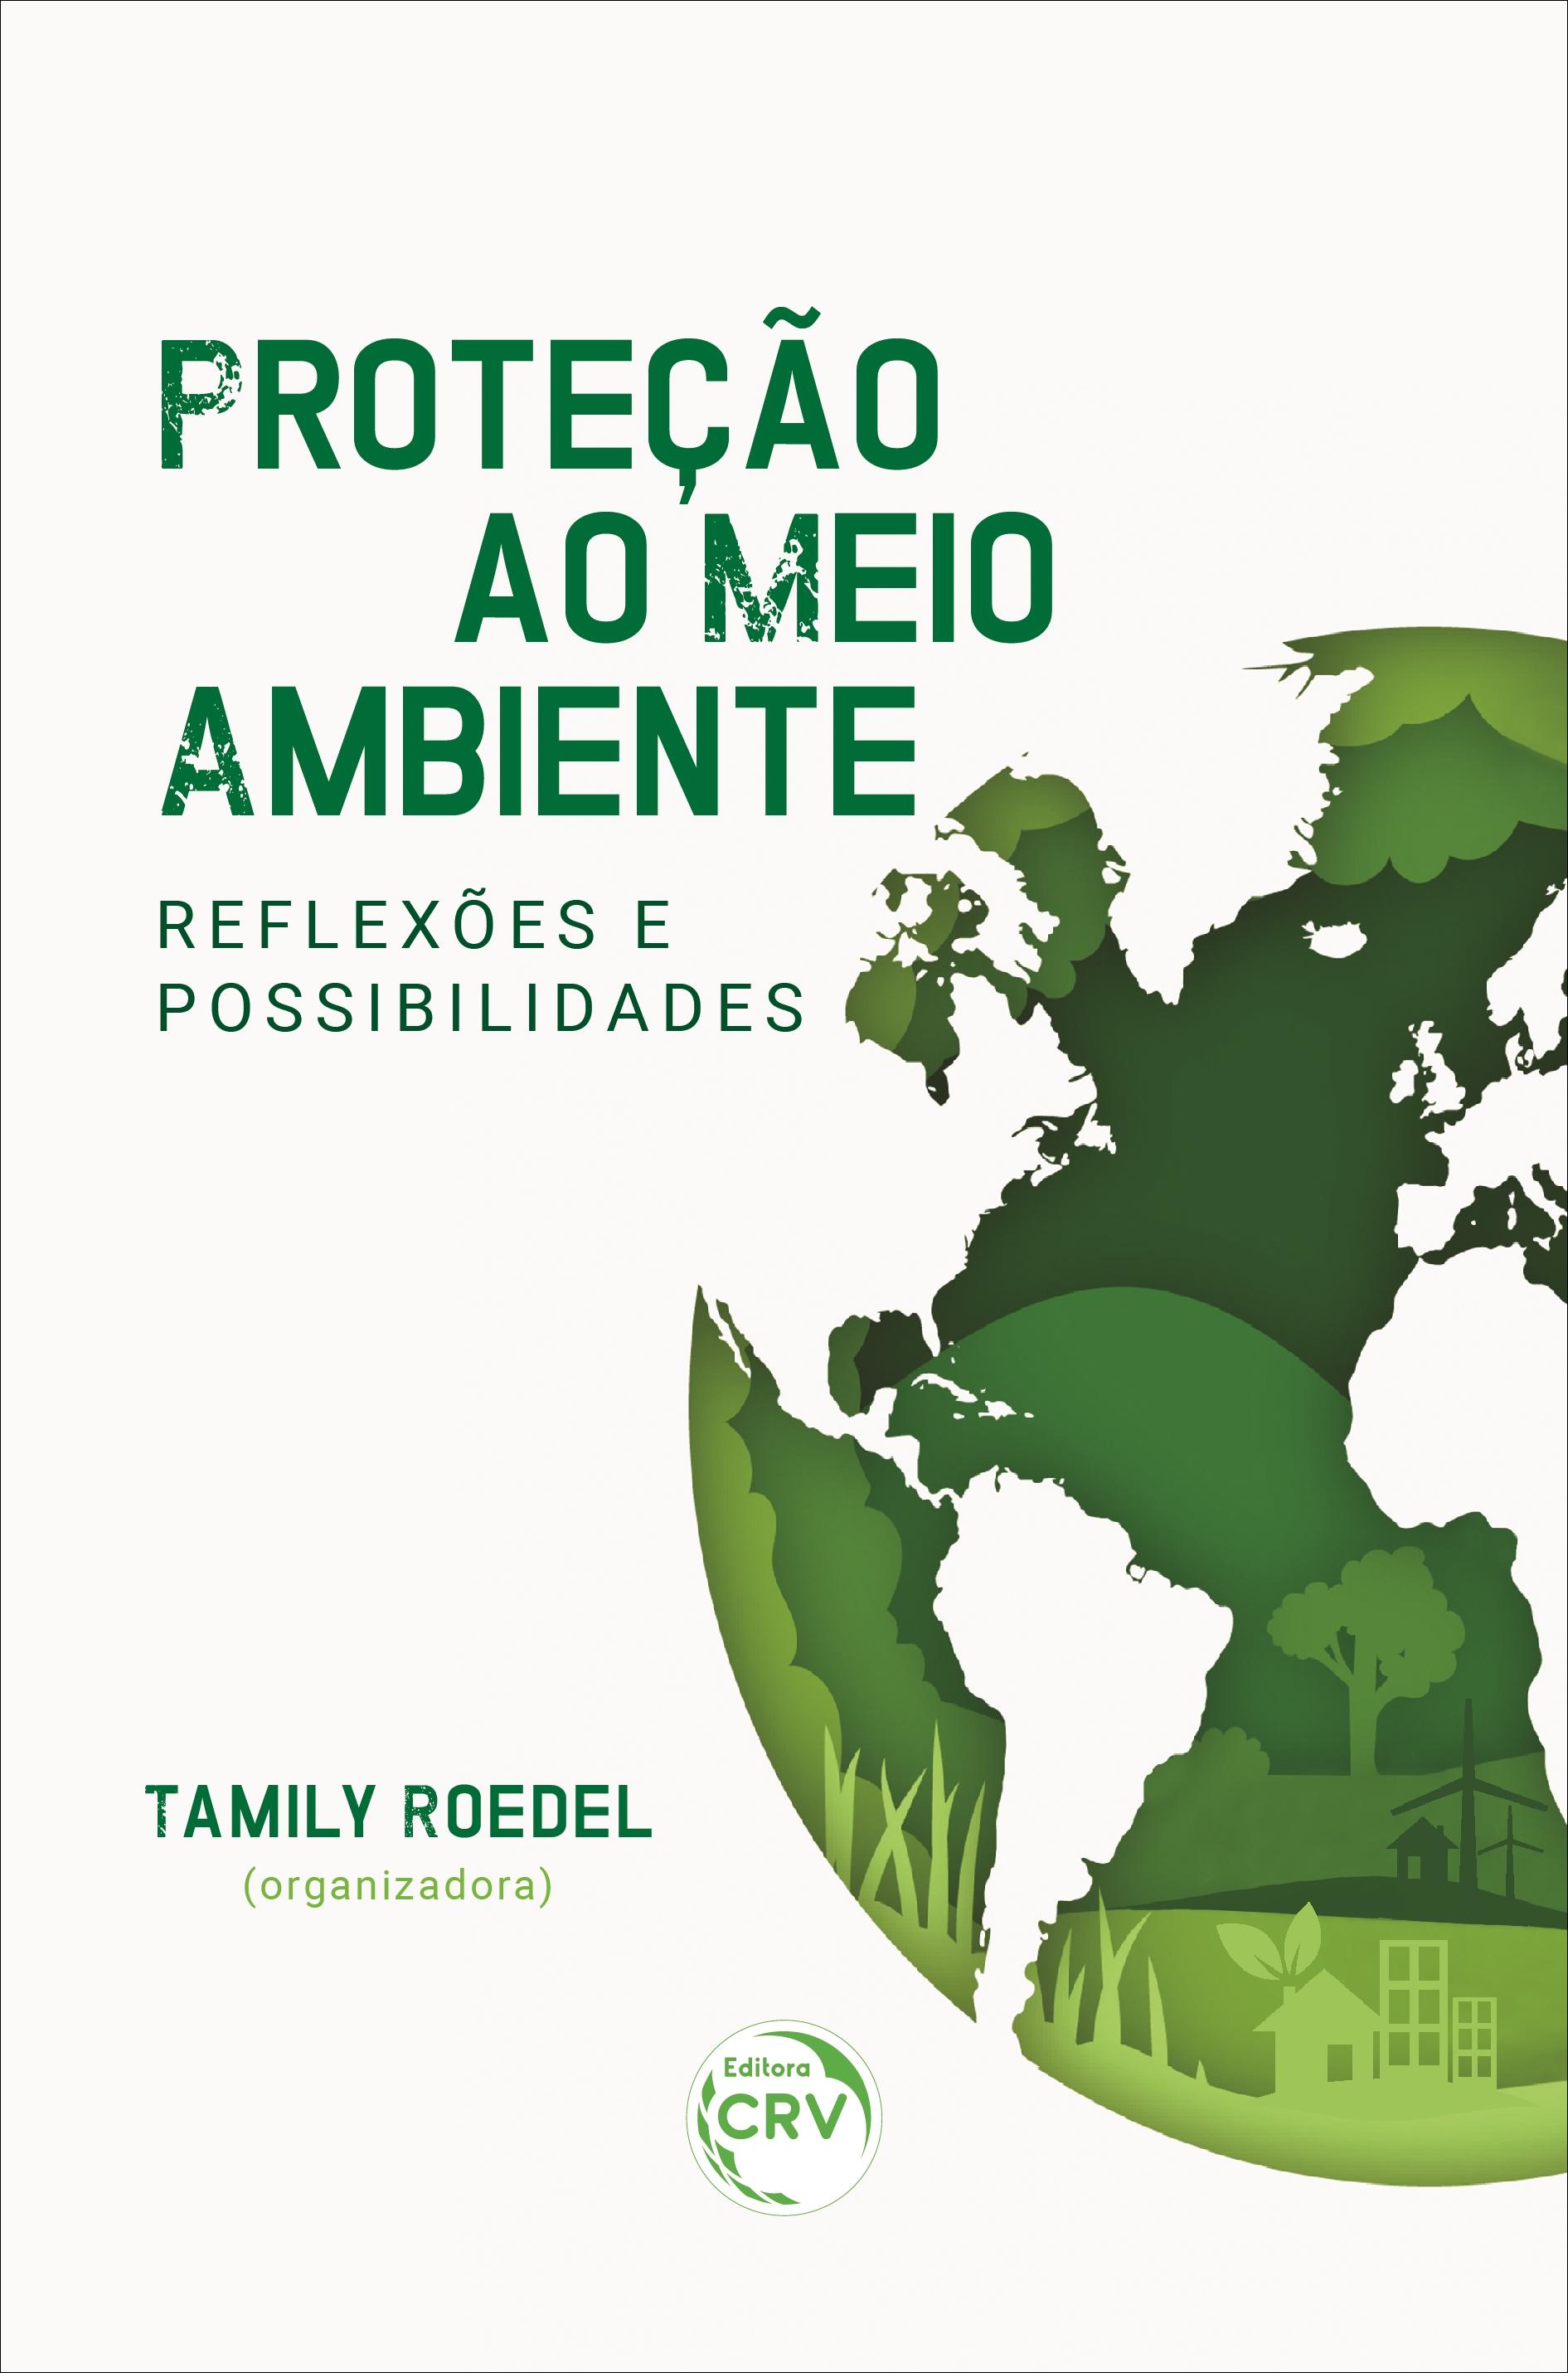 Capa do livro: PROTEÇÃO AO MEIO AMBIENTE REFLEXÕES E POSSIBILIDADES